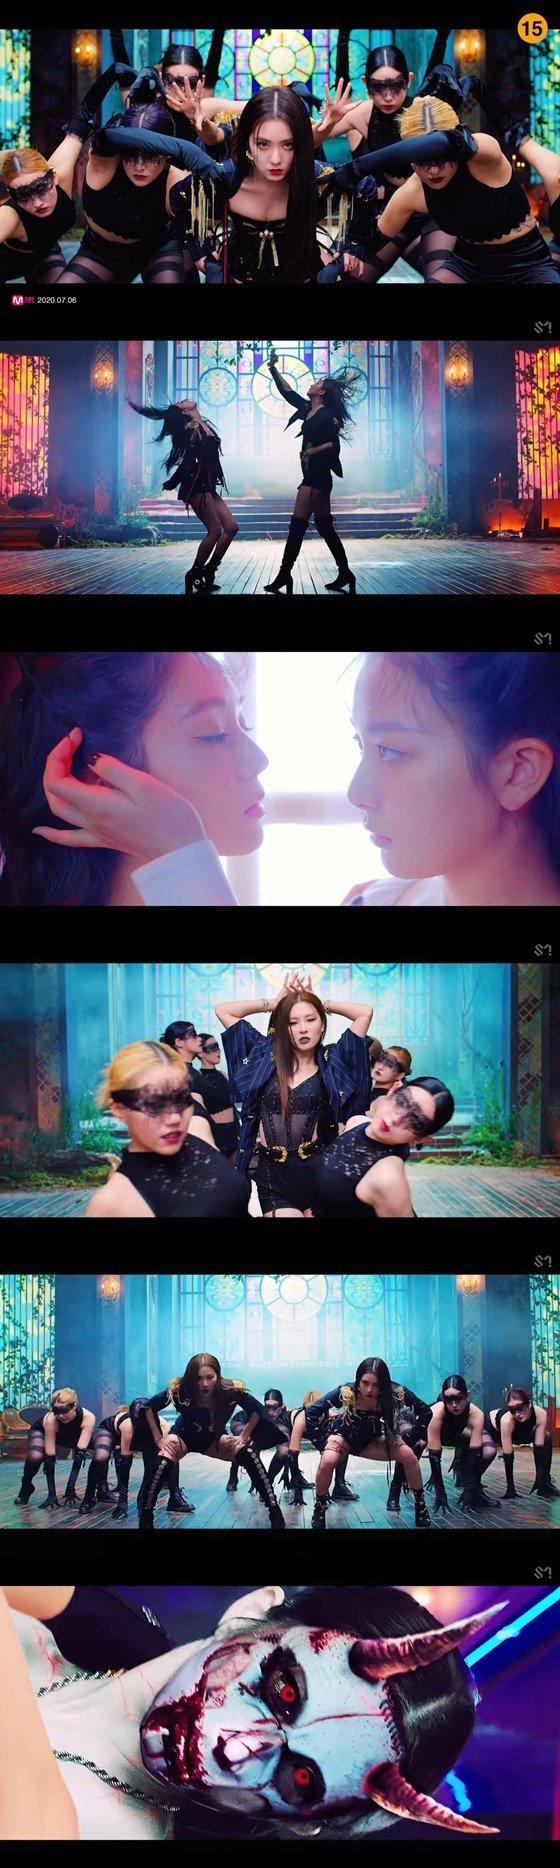 레드벨벳-아이린&슬기(Red Velvet - IRENE & SEULGI) \'Monster\' 뮤직비디오 화면캡쳐